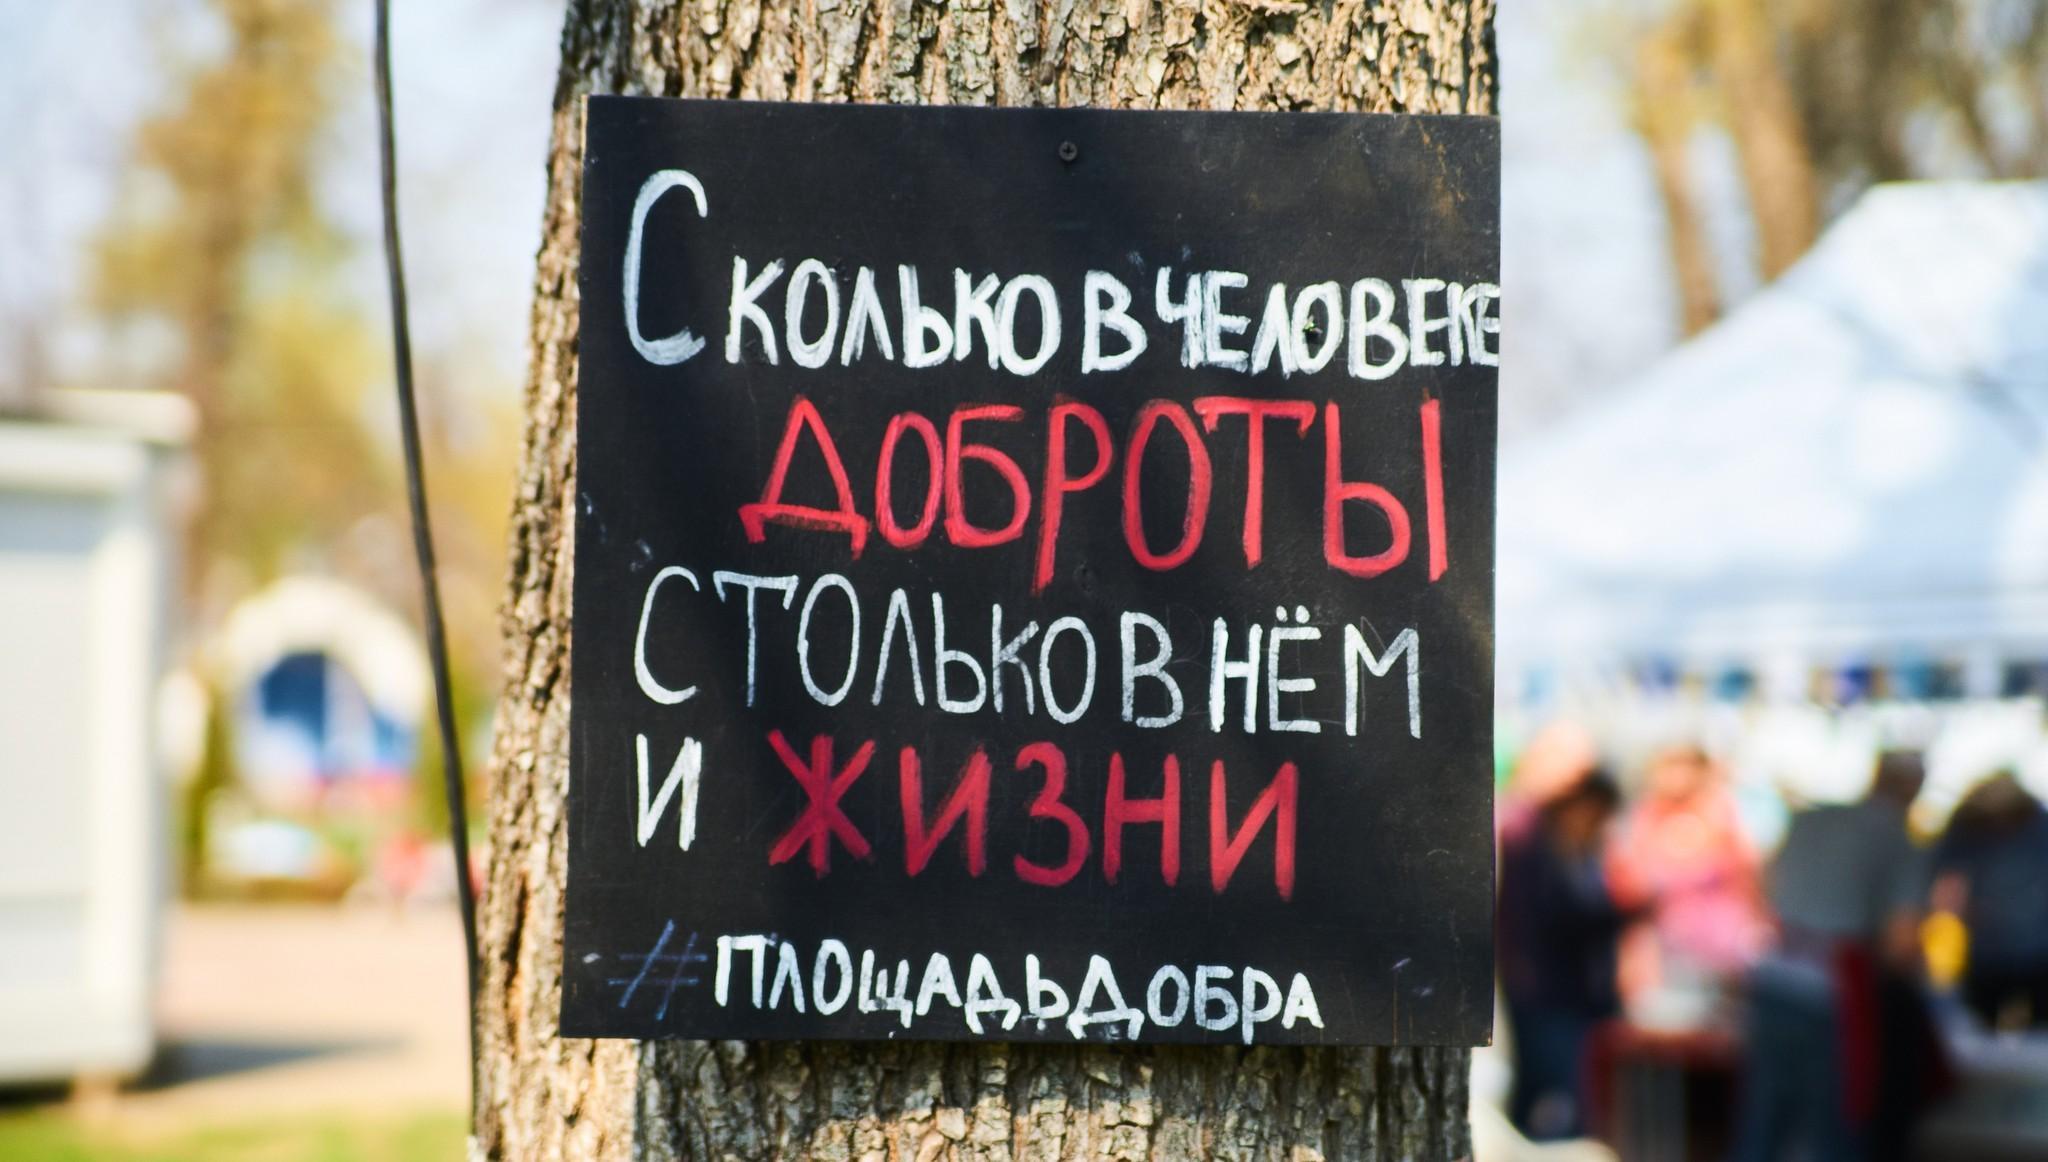 Жителей Твери приглашают на «Площадь Добра» в горсад - новости Афанасий